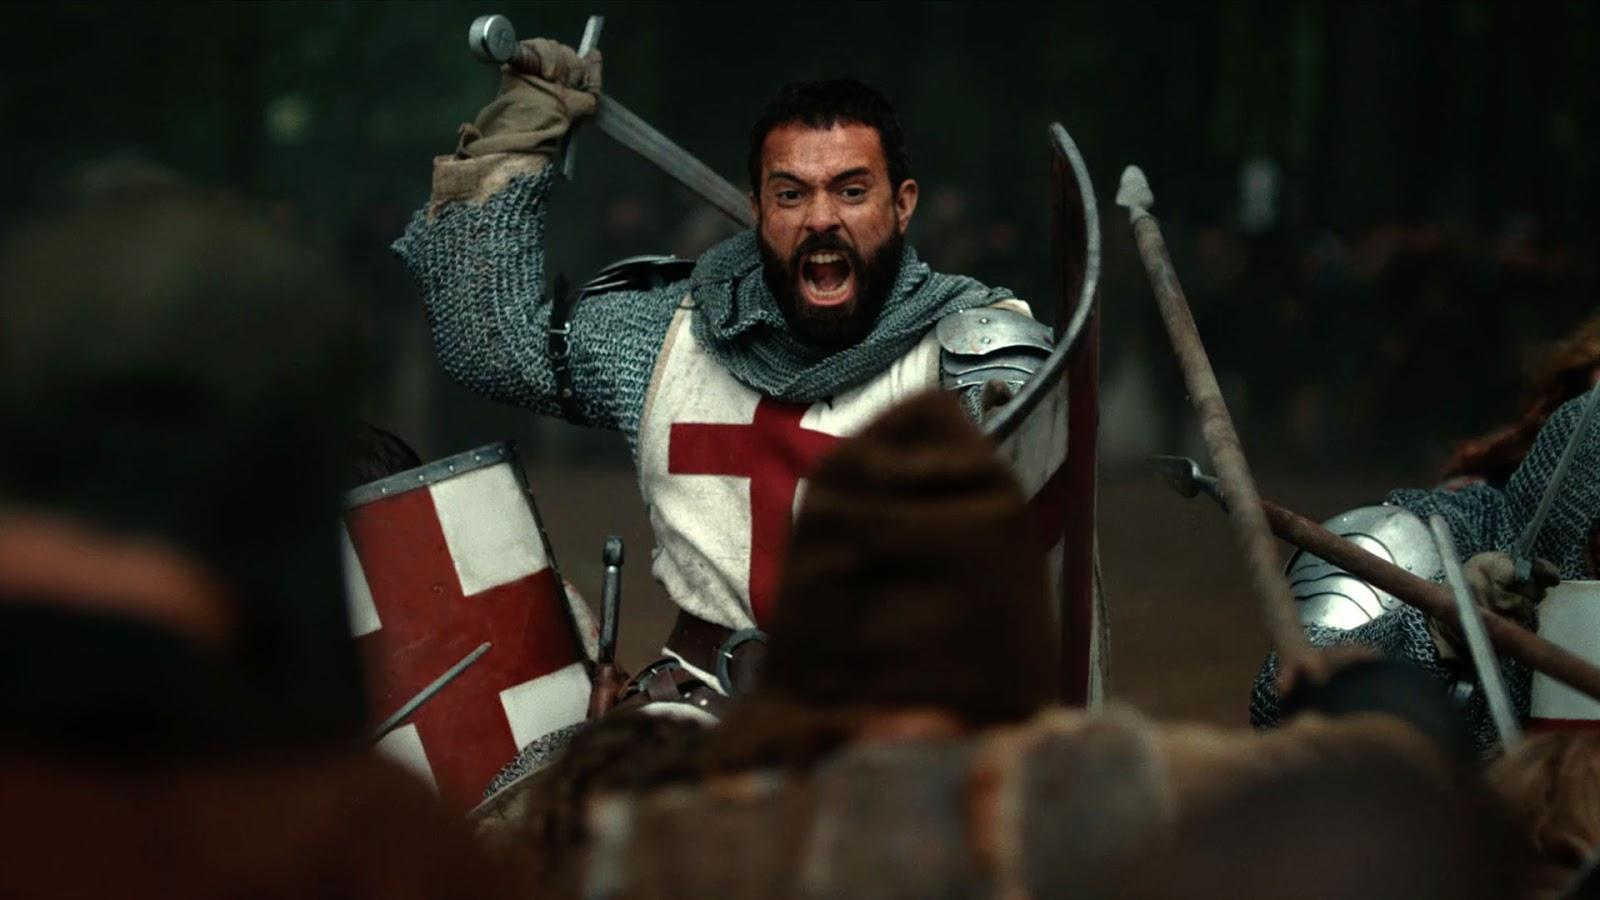 Fotografía de Tom Cullen en 'Knightfall', nueva serie de History Channel